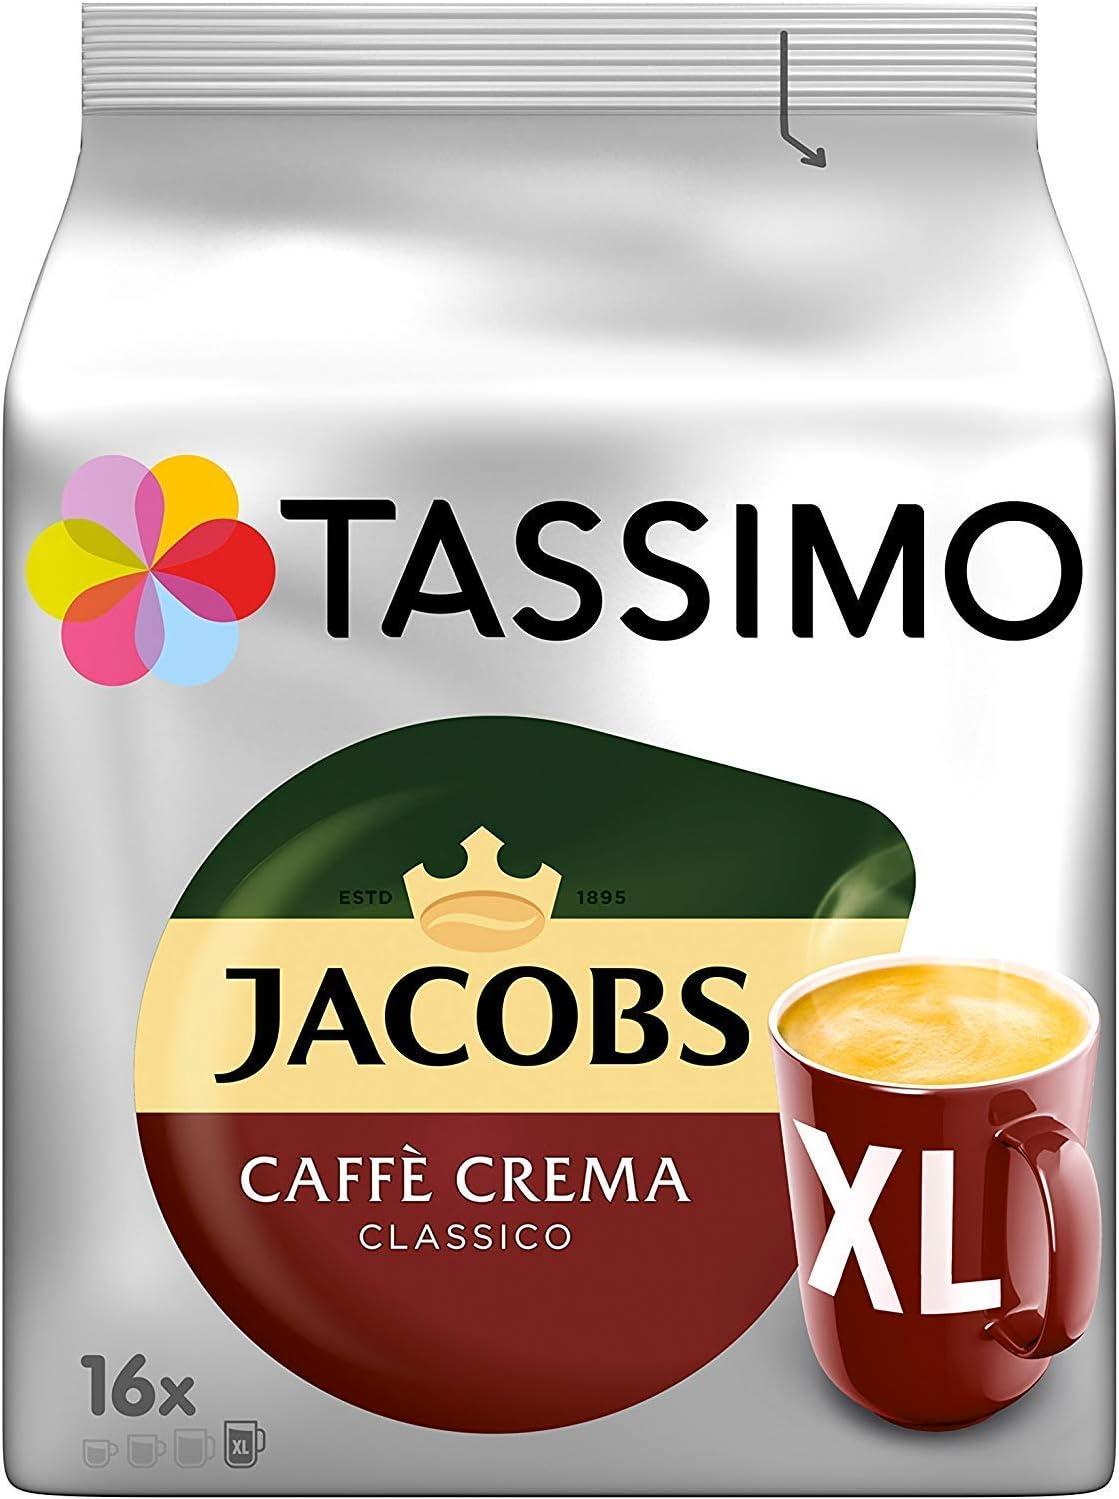 Tassimo Jacobs Caffè Crema Classico XL - 5 Paquetes (80 Porciones ...